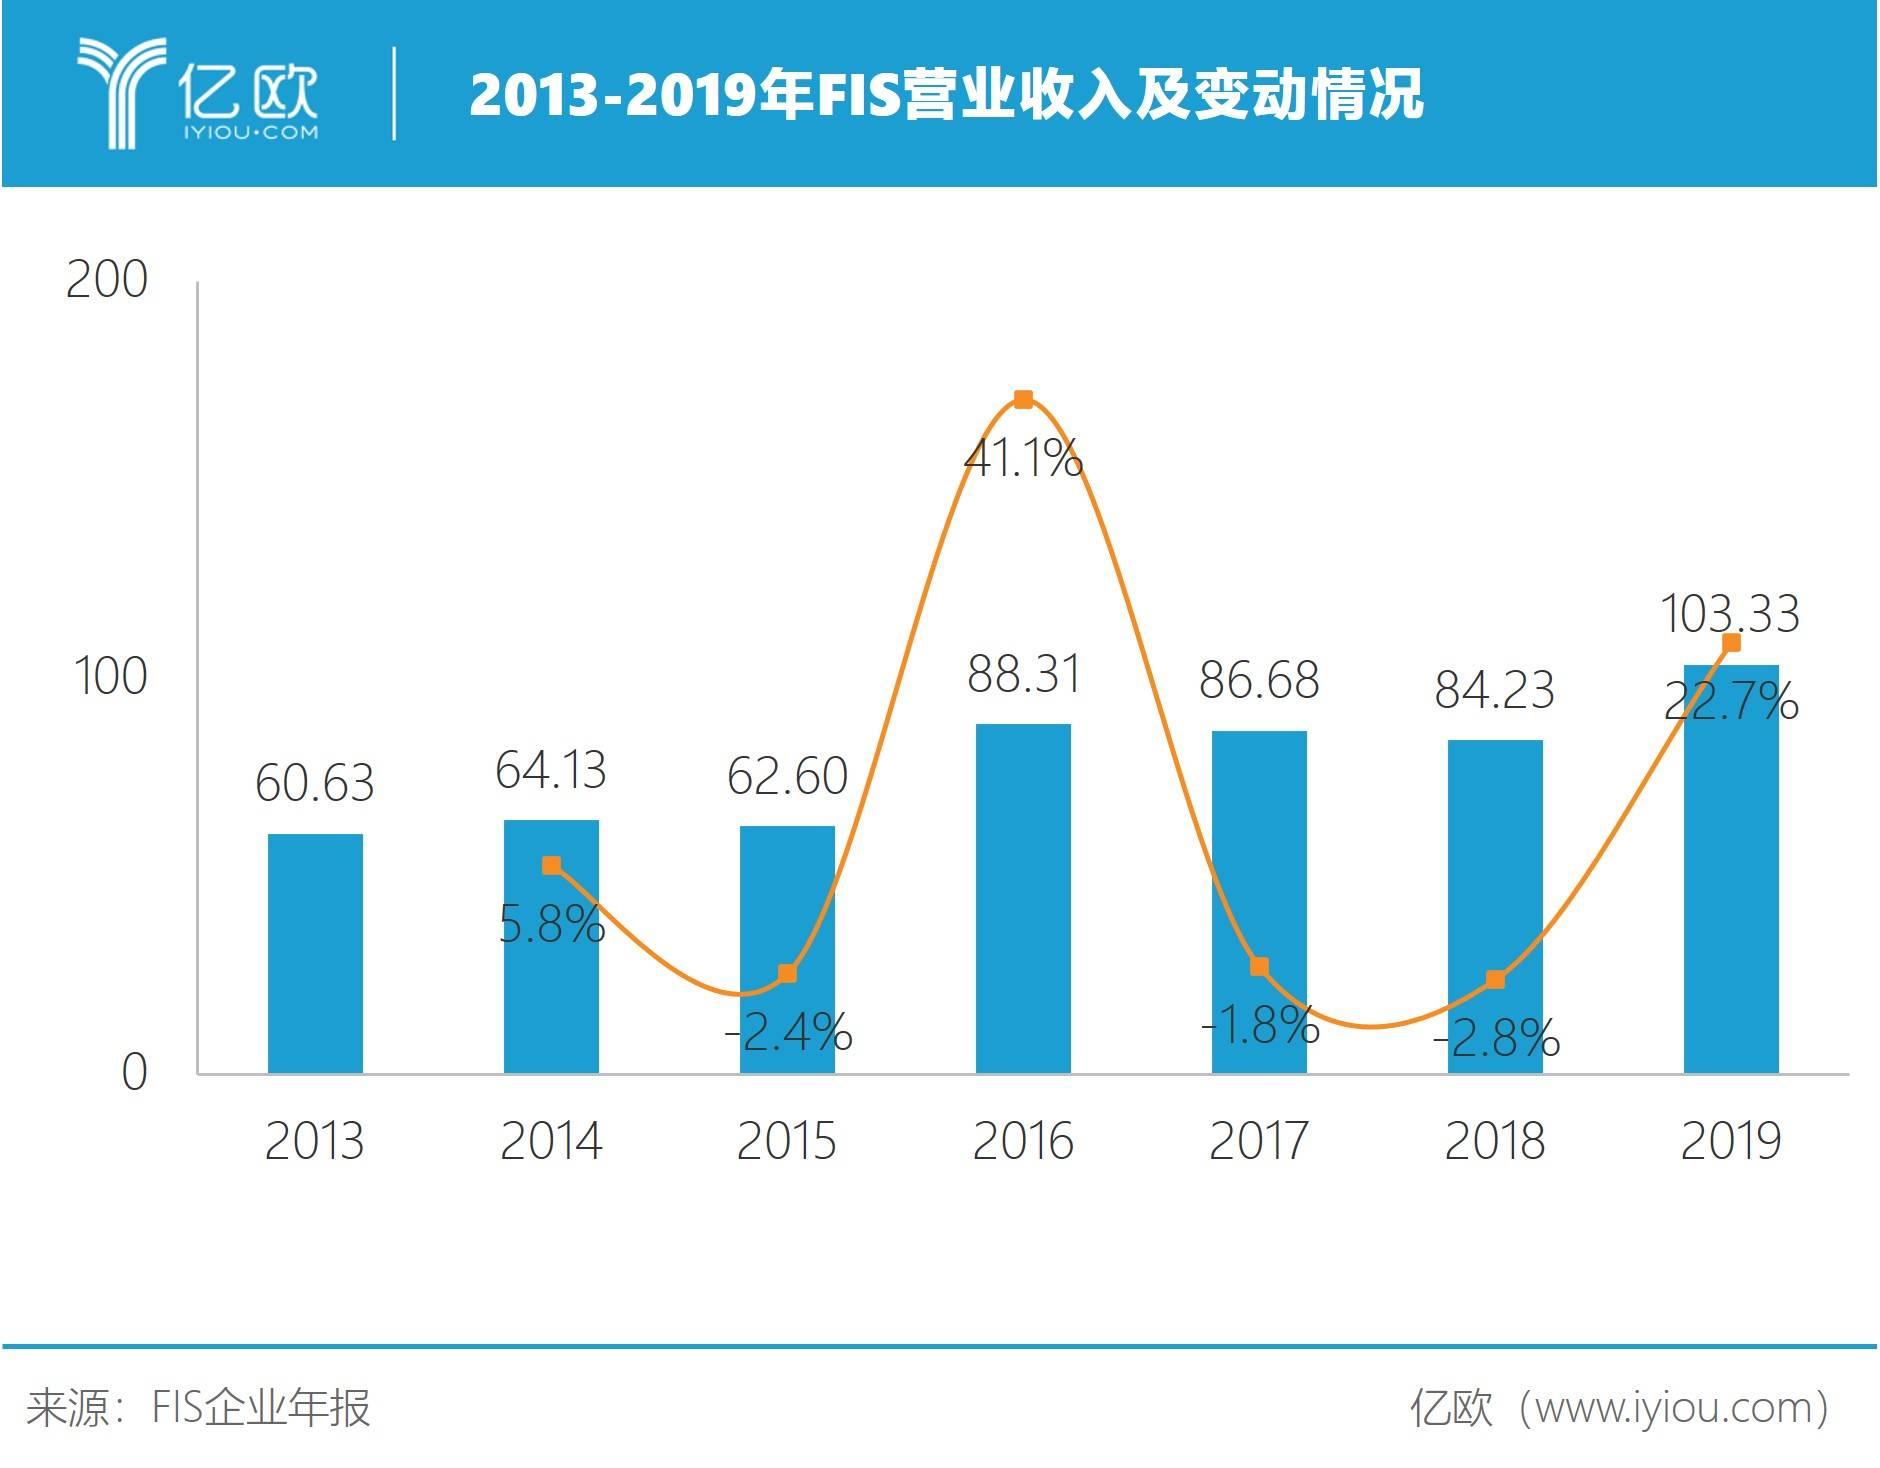 2013-2019年FIS营业收入及变动情况